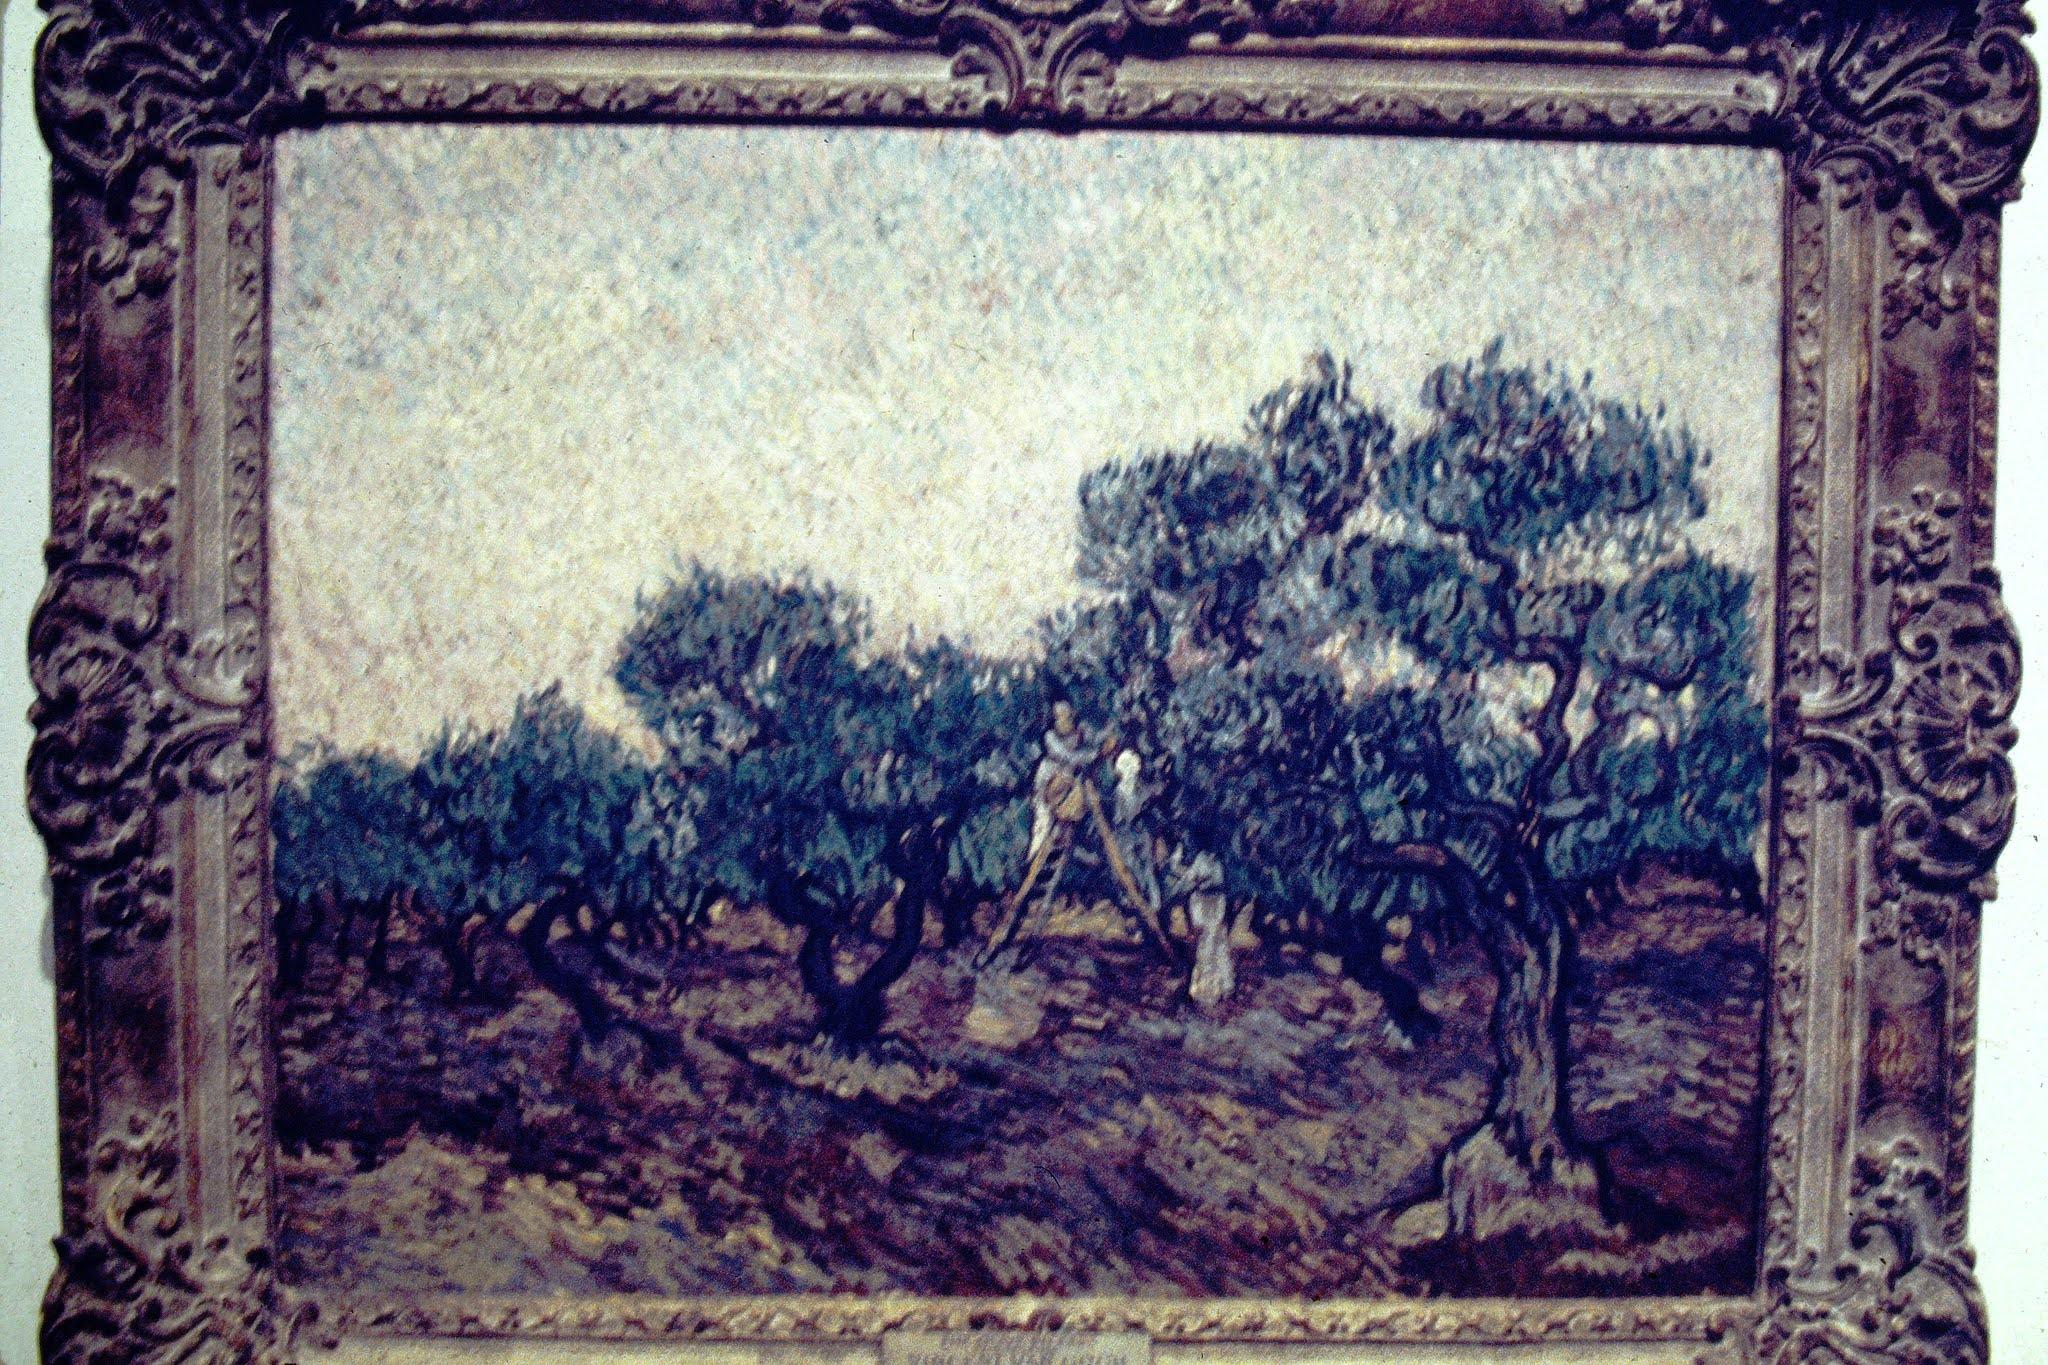 Van Gogh Stein